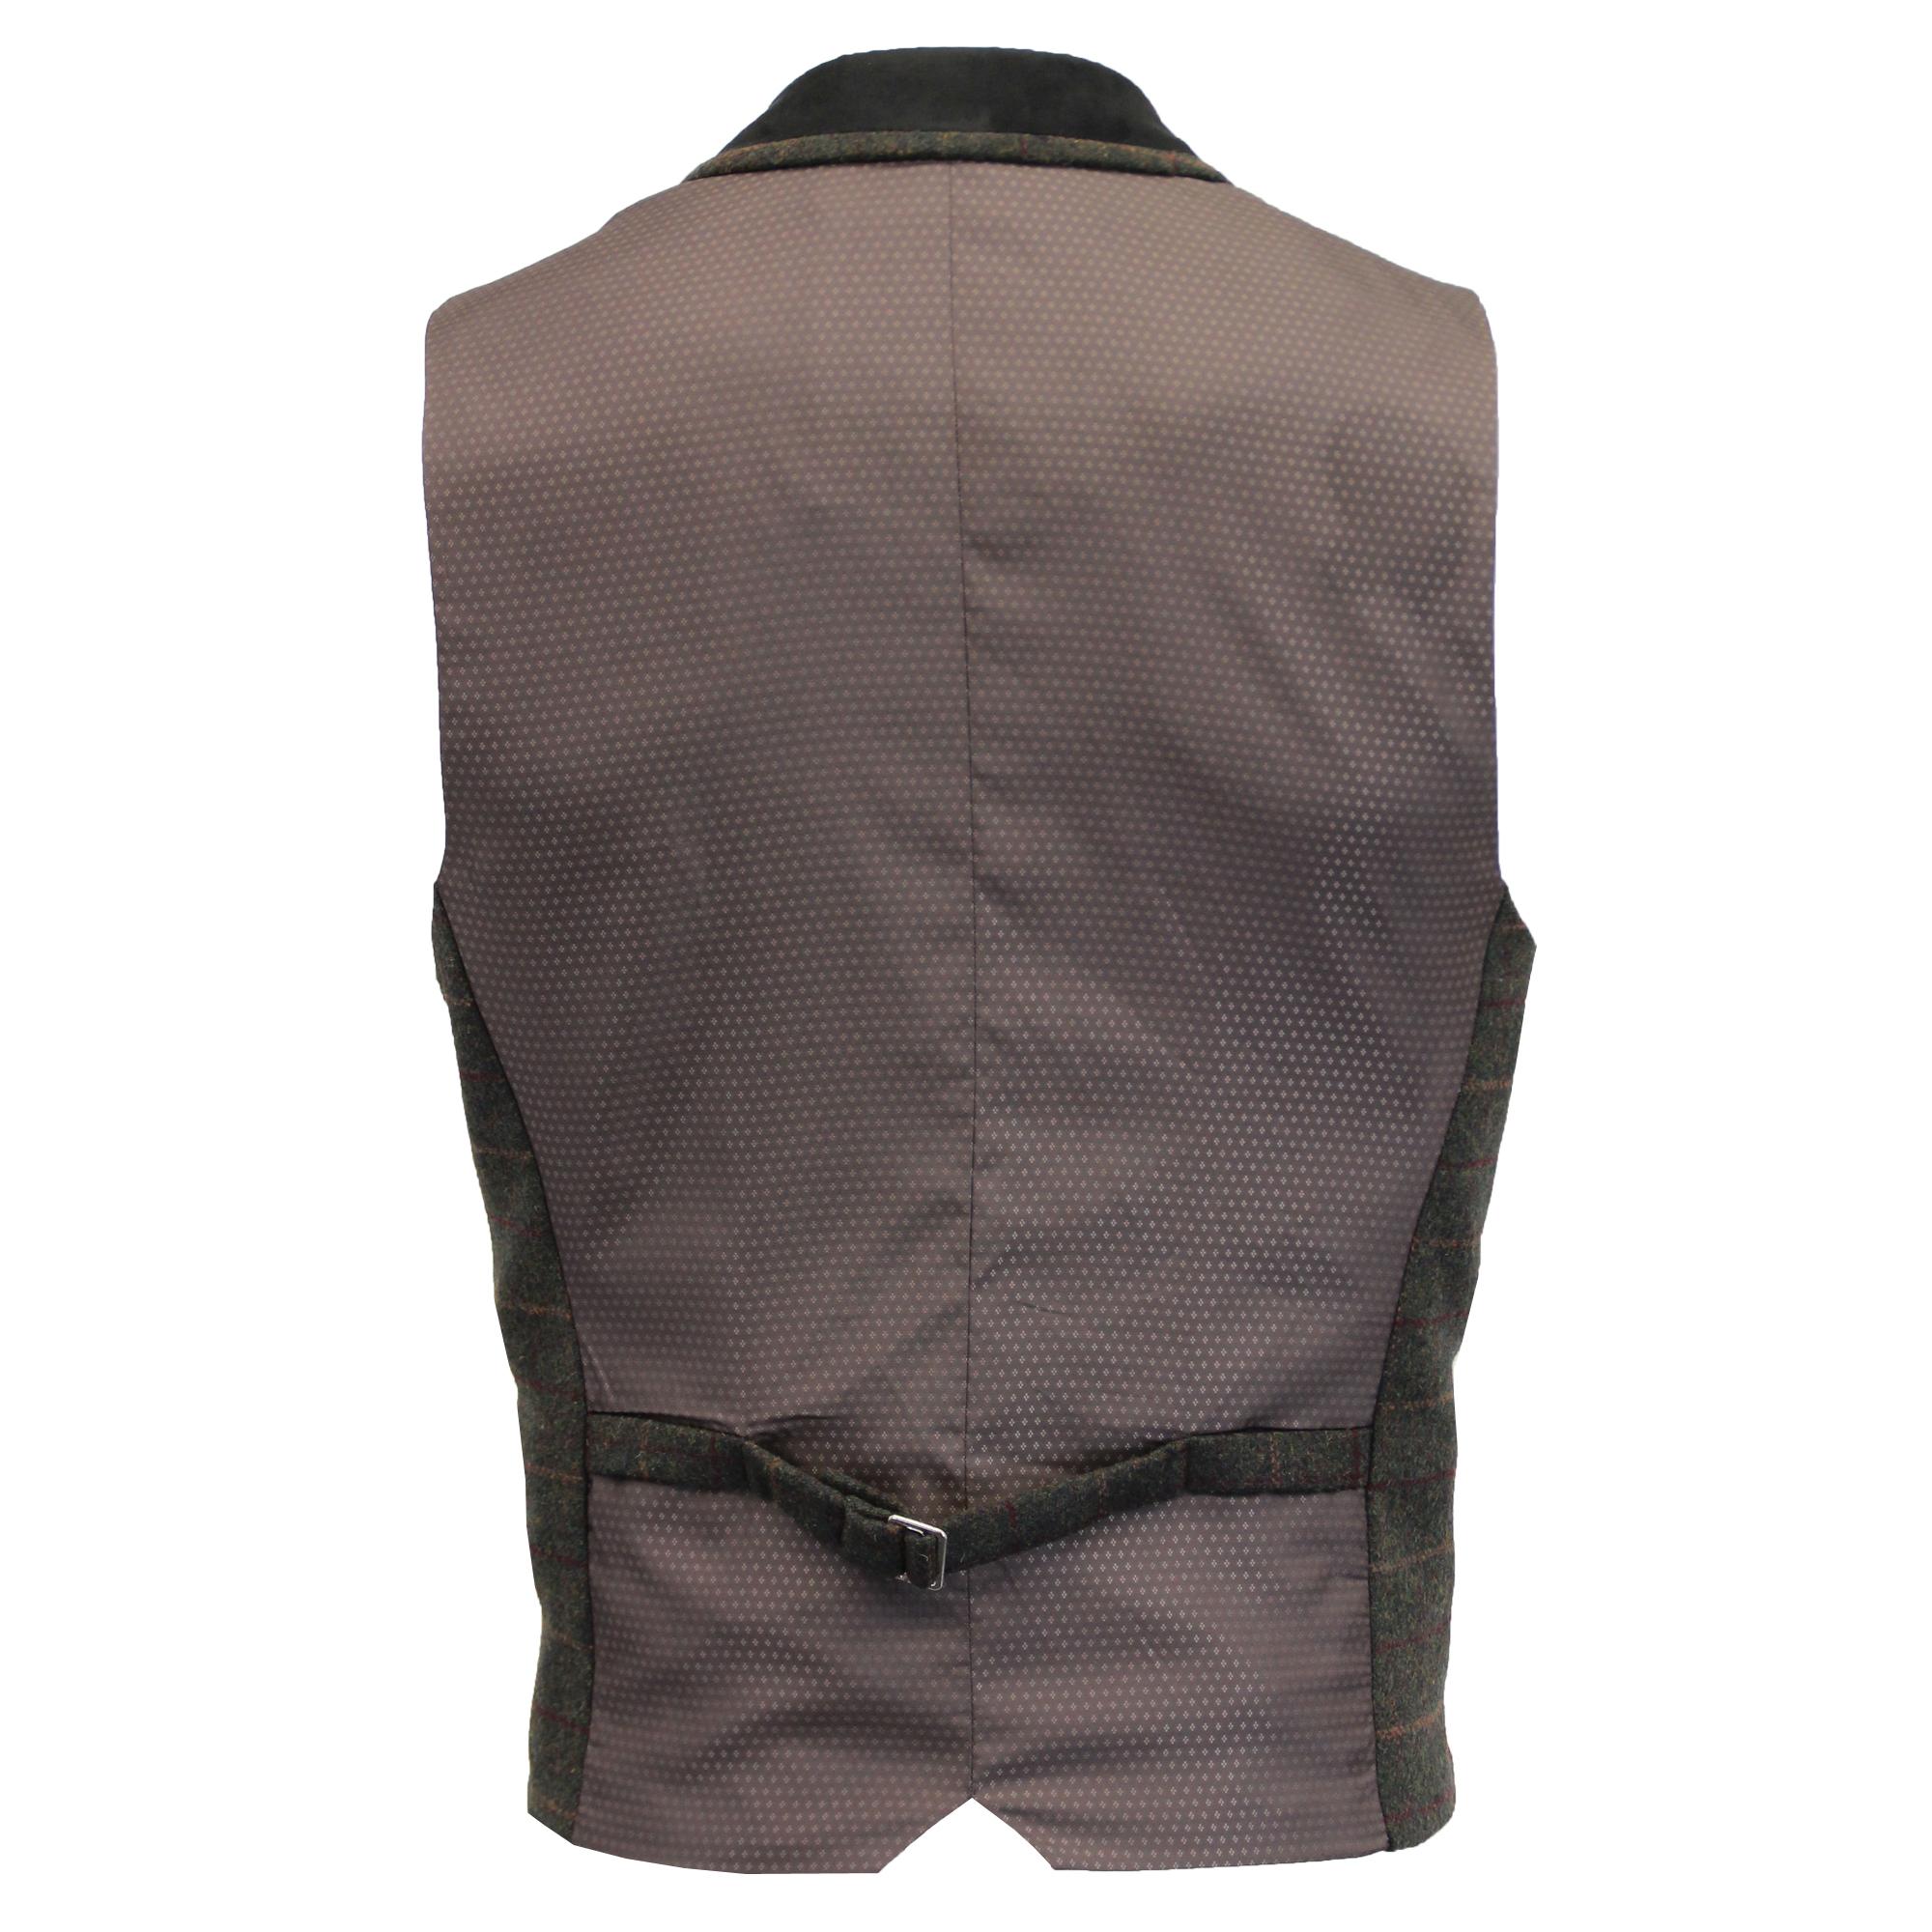 Mezcla-de-lana-para-hombre-mareno-Chaleco-Chaleco-Formal-Herringbone-Tweed-Cuadros-Forrado-de miniatura 30